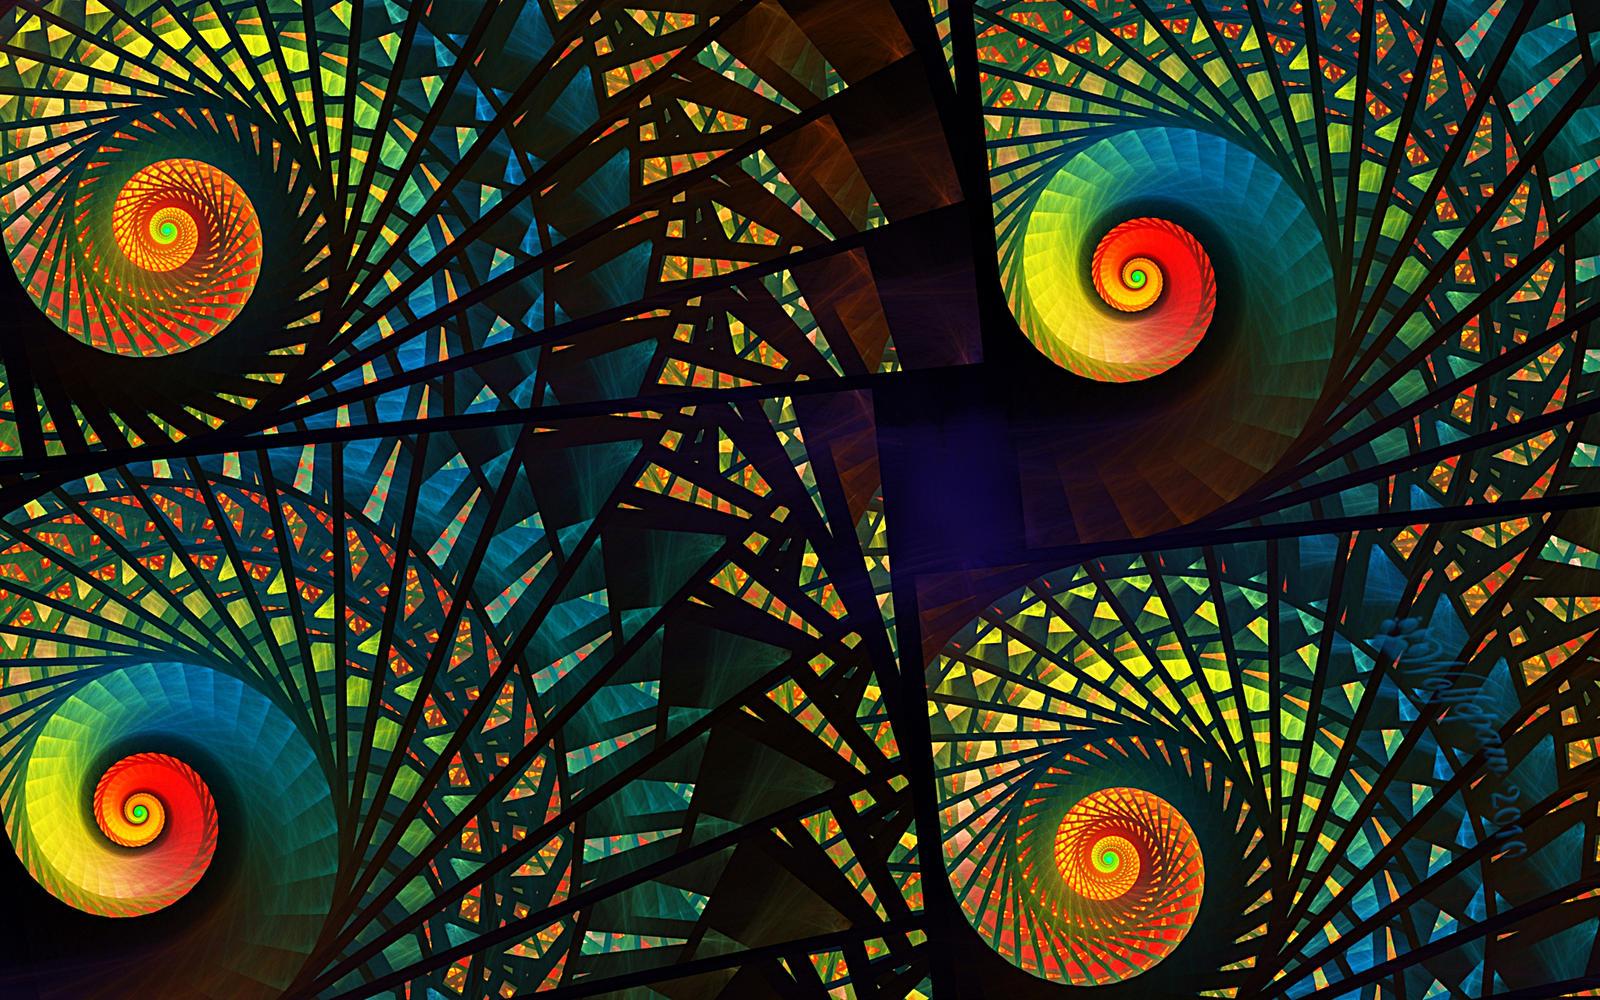 stained glass spirals by wolfepaw on deviantart